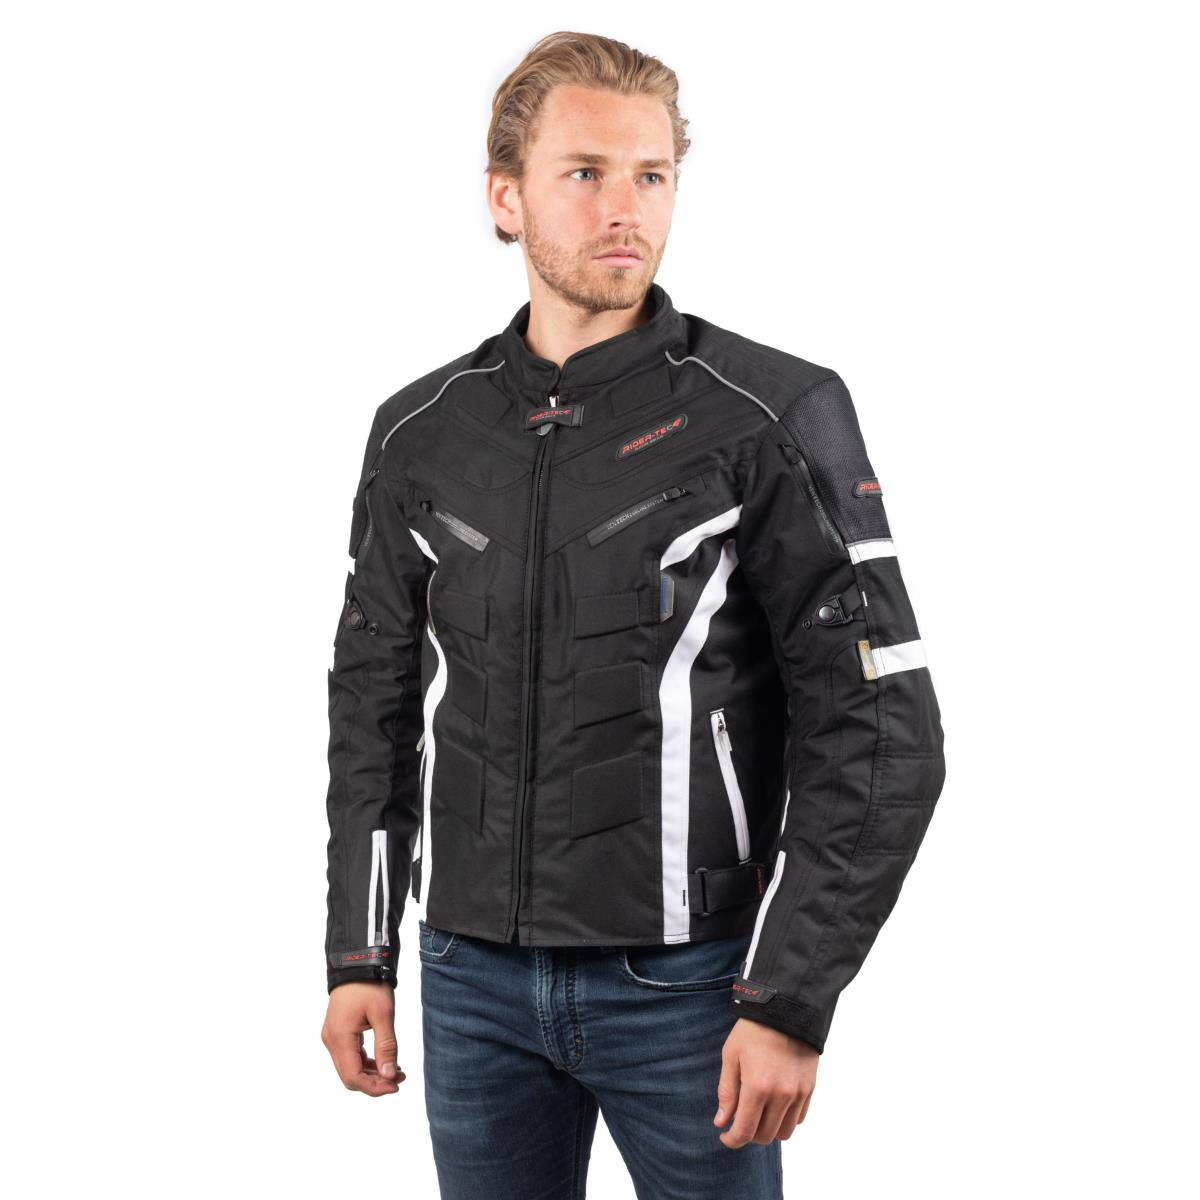 Blouson de Moto Homme Urban Rider-Tec Textile Noir & Blanc